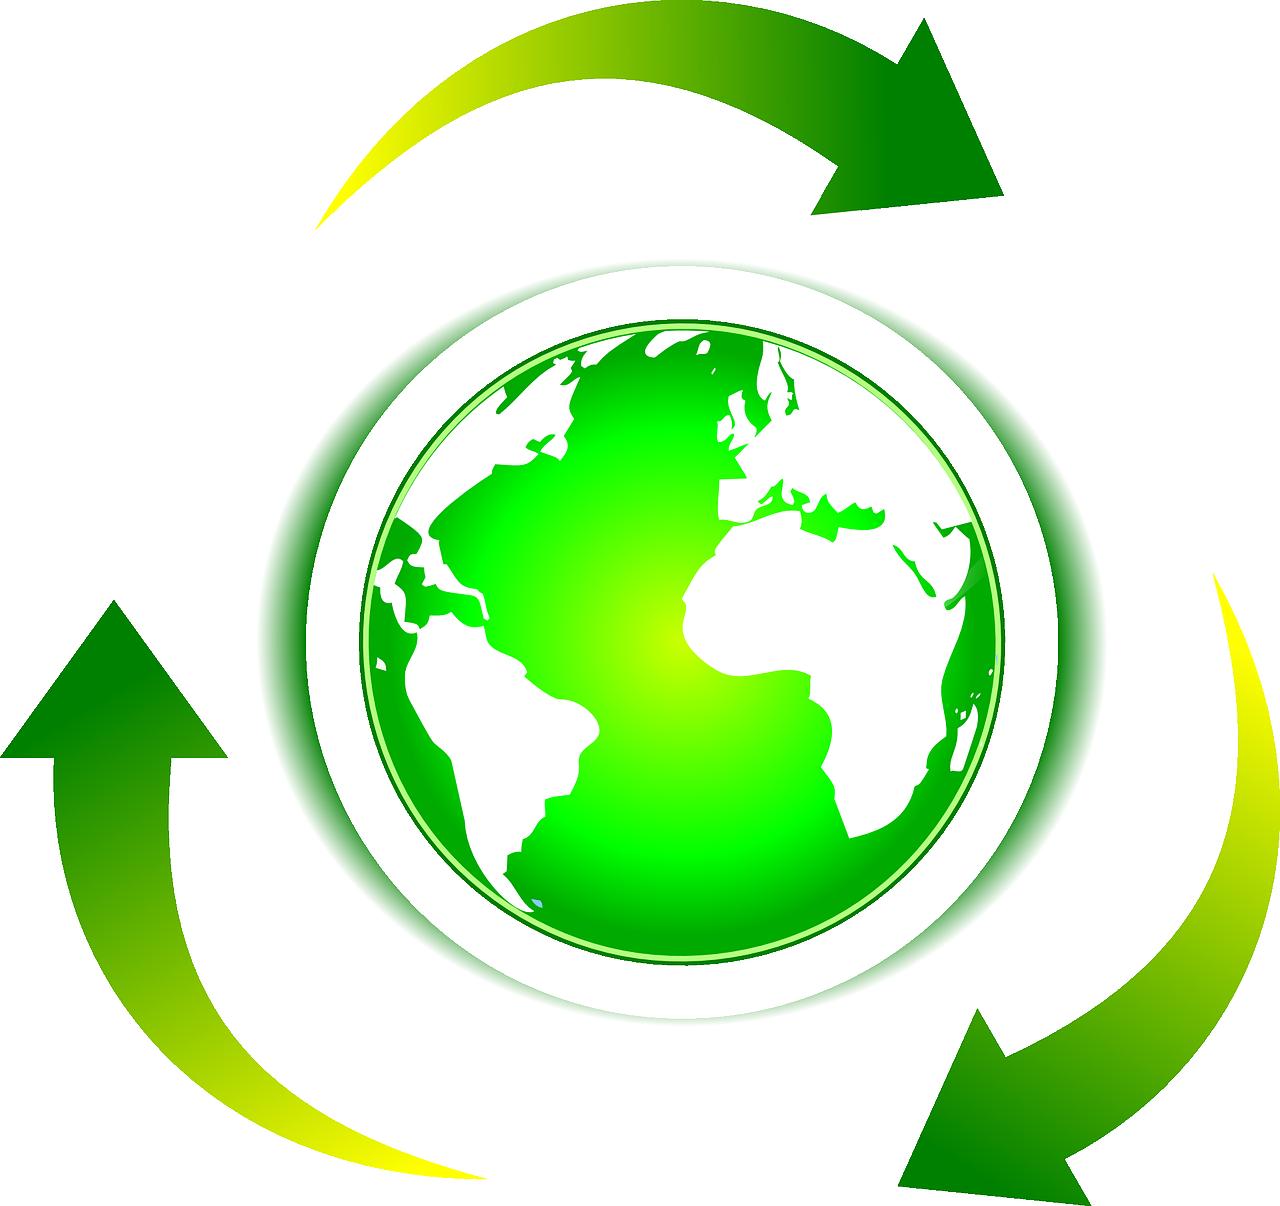 Gestión circular de los recursos